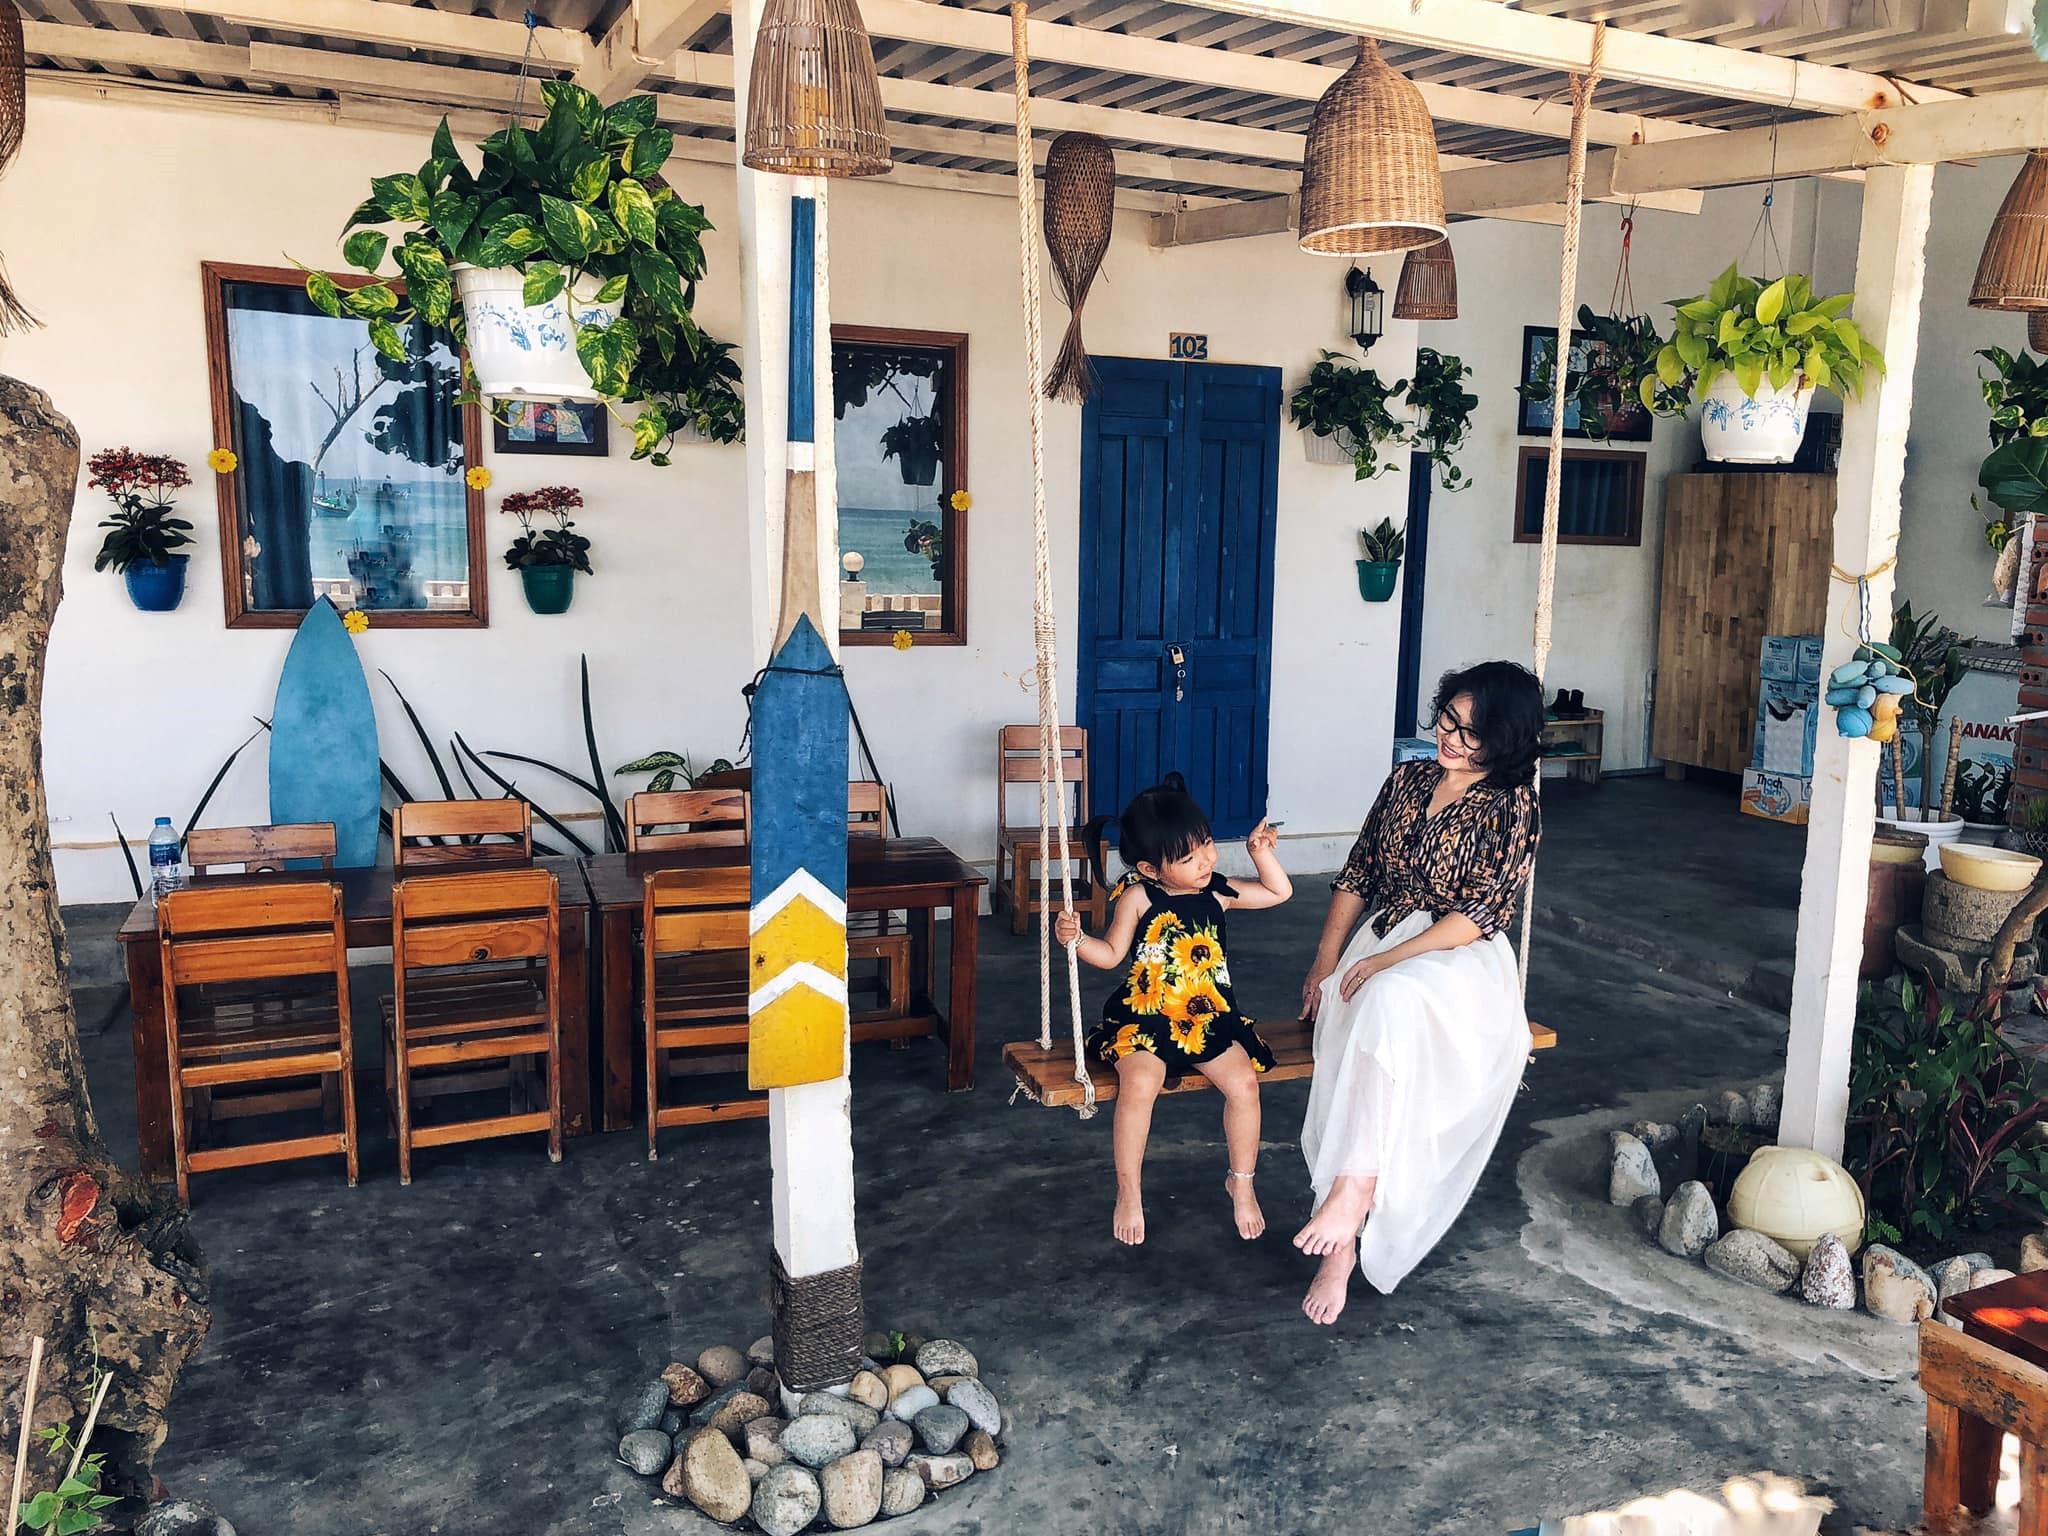 Nạp vitamin sea ở Sunny Bay Homestay Bãi biển Nhơn Lý đẹp không góc chết